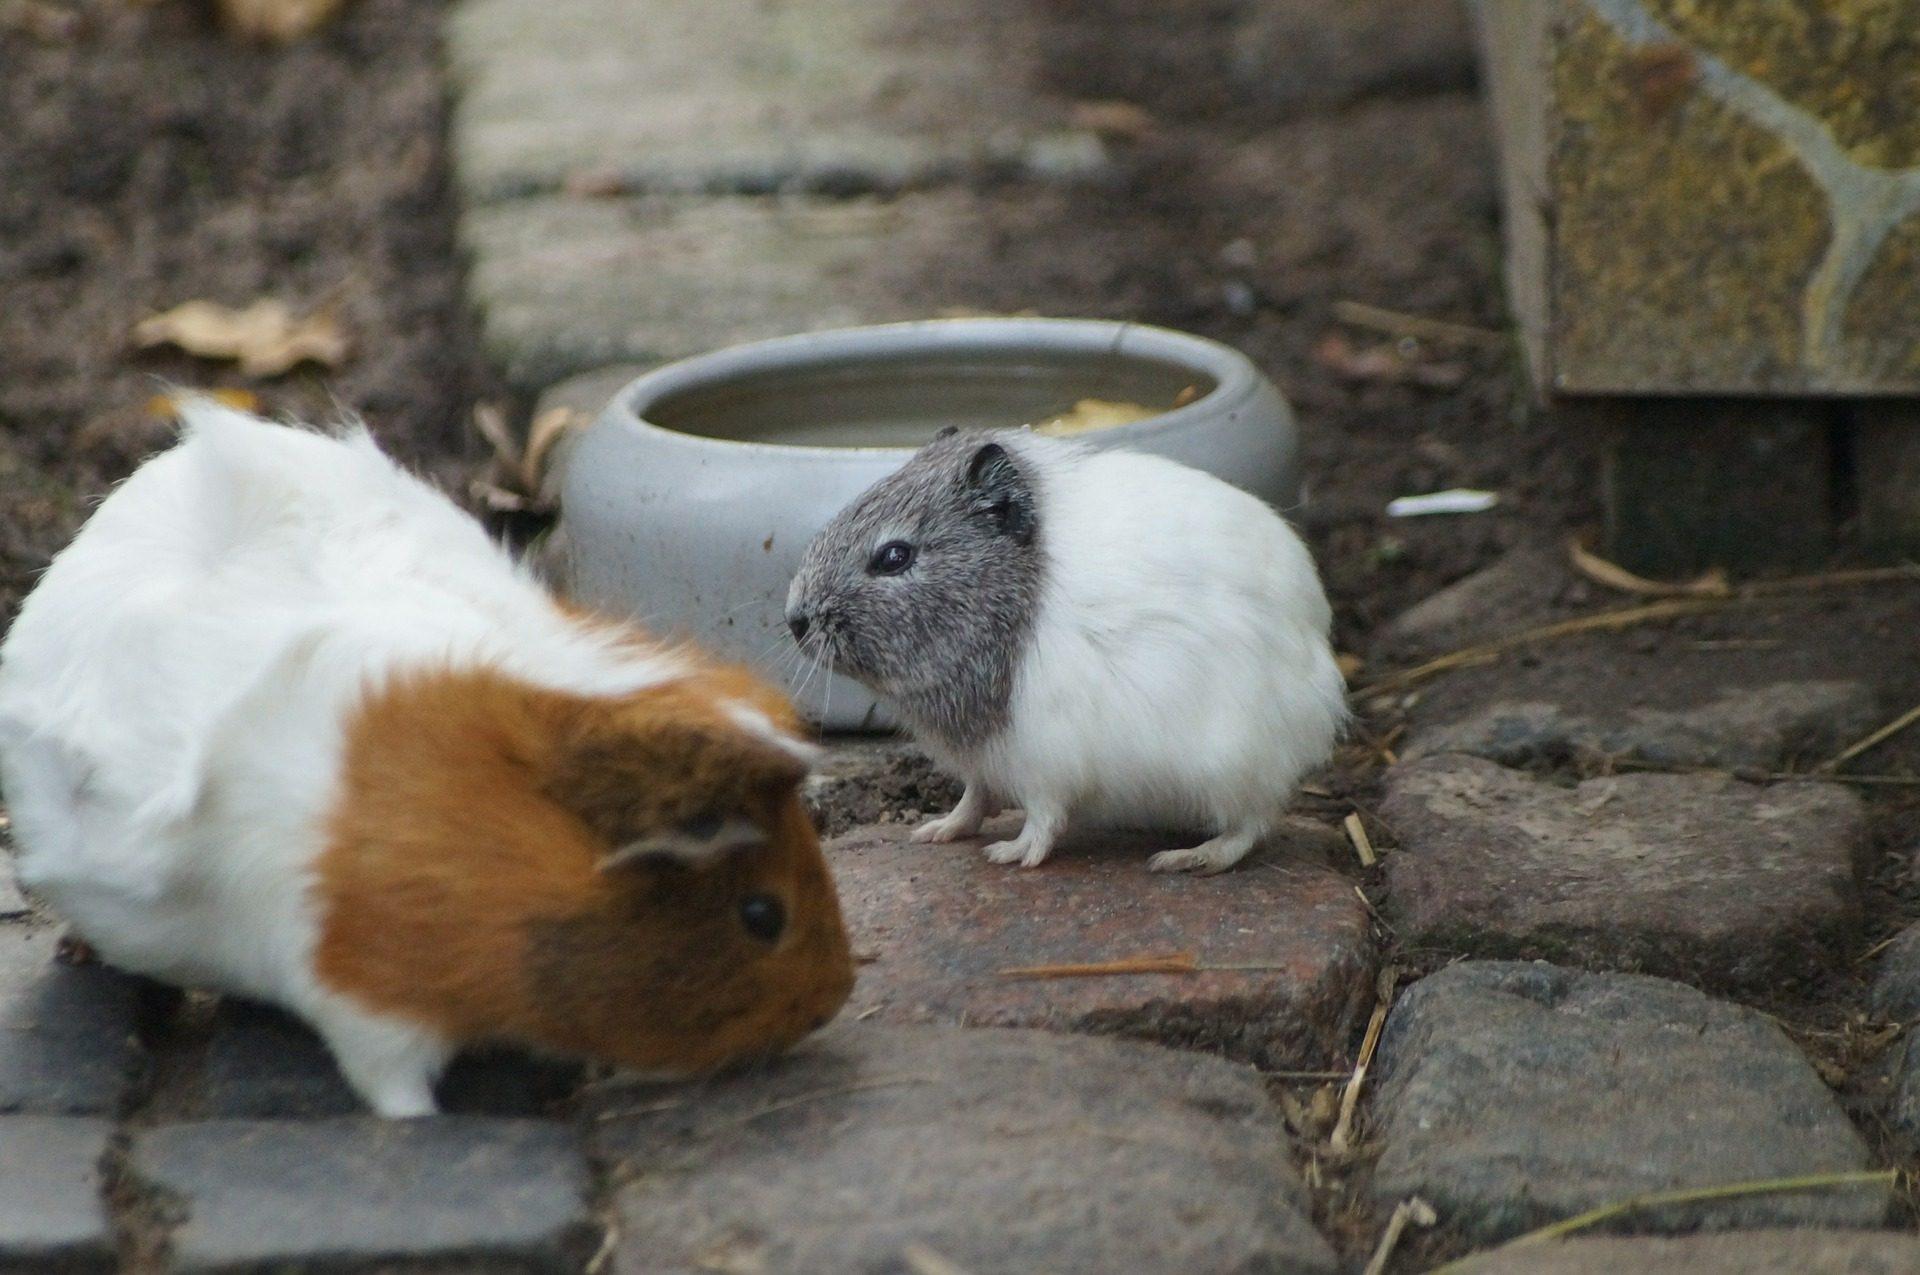 几内亚, 印度, 啮齿类动物, 宠物, 仓鼠 - 高清壁纸 - 教授-falken.com